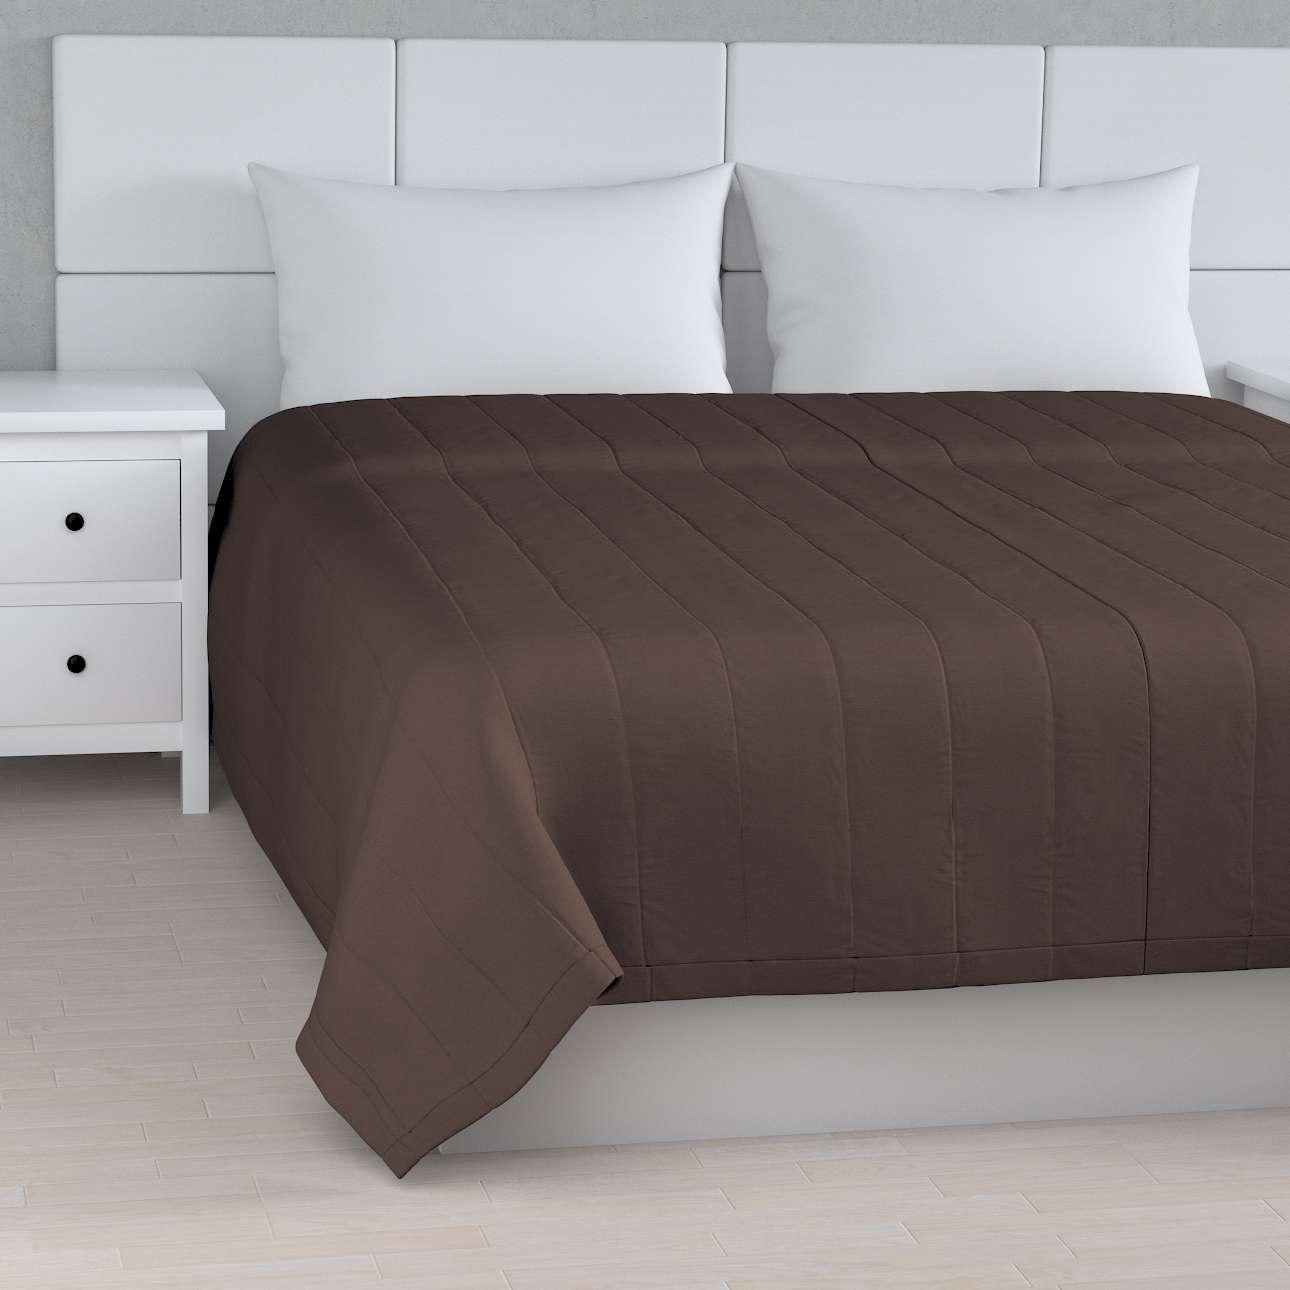 Lovatiesės (vertikaliai dygsniuotos) kolekcijoje Cotton Panama, audinys: 702-03